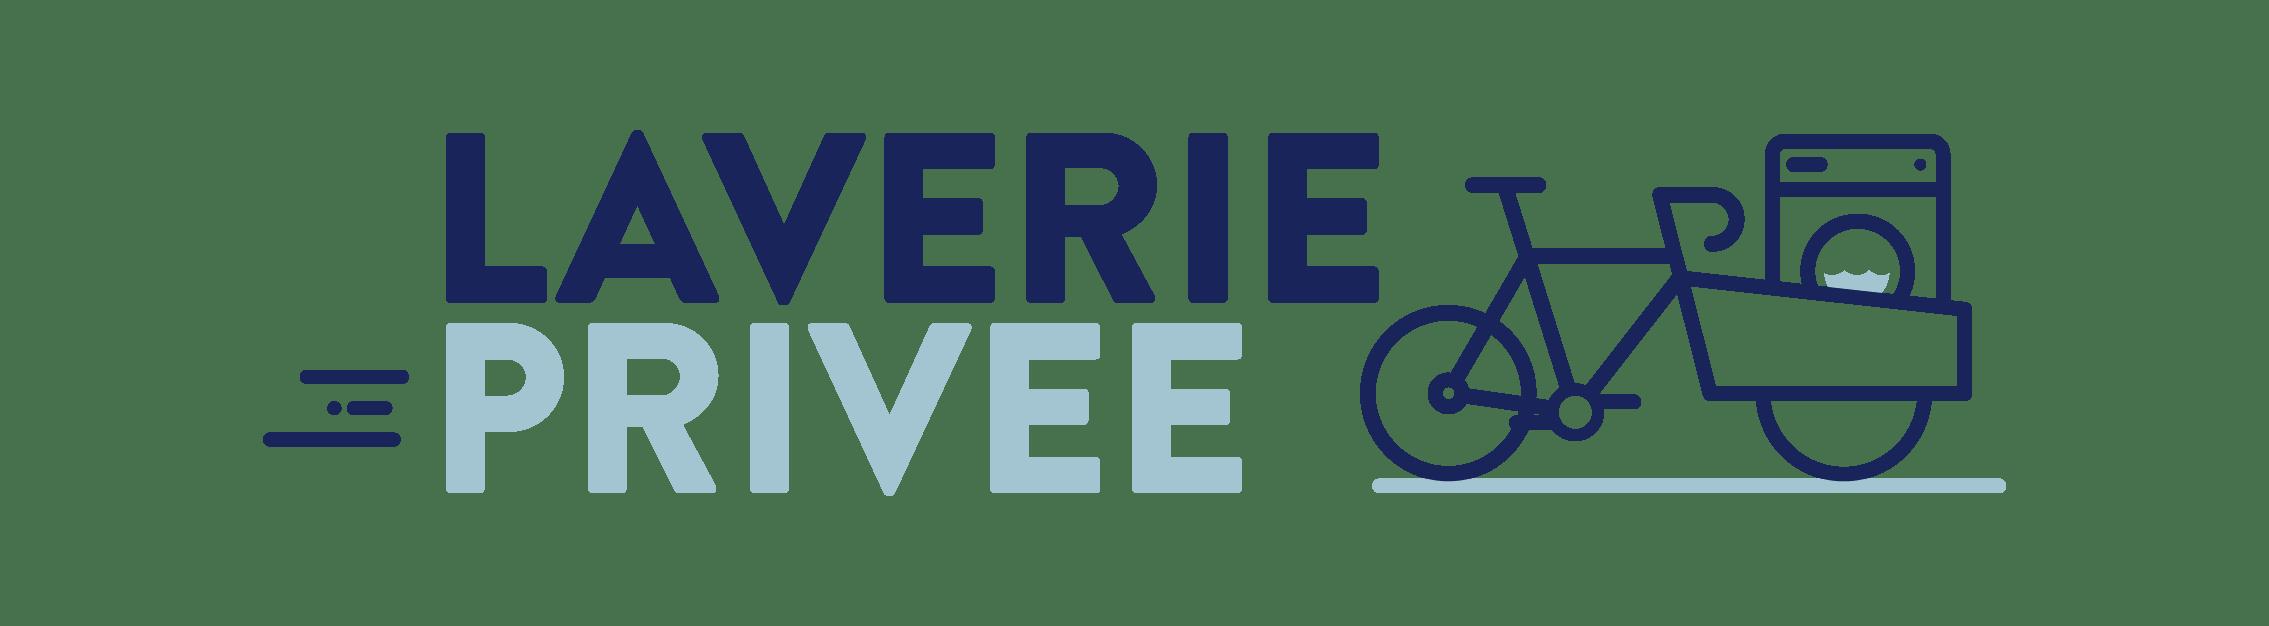 logo laverie privee